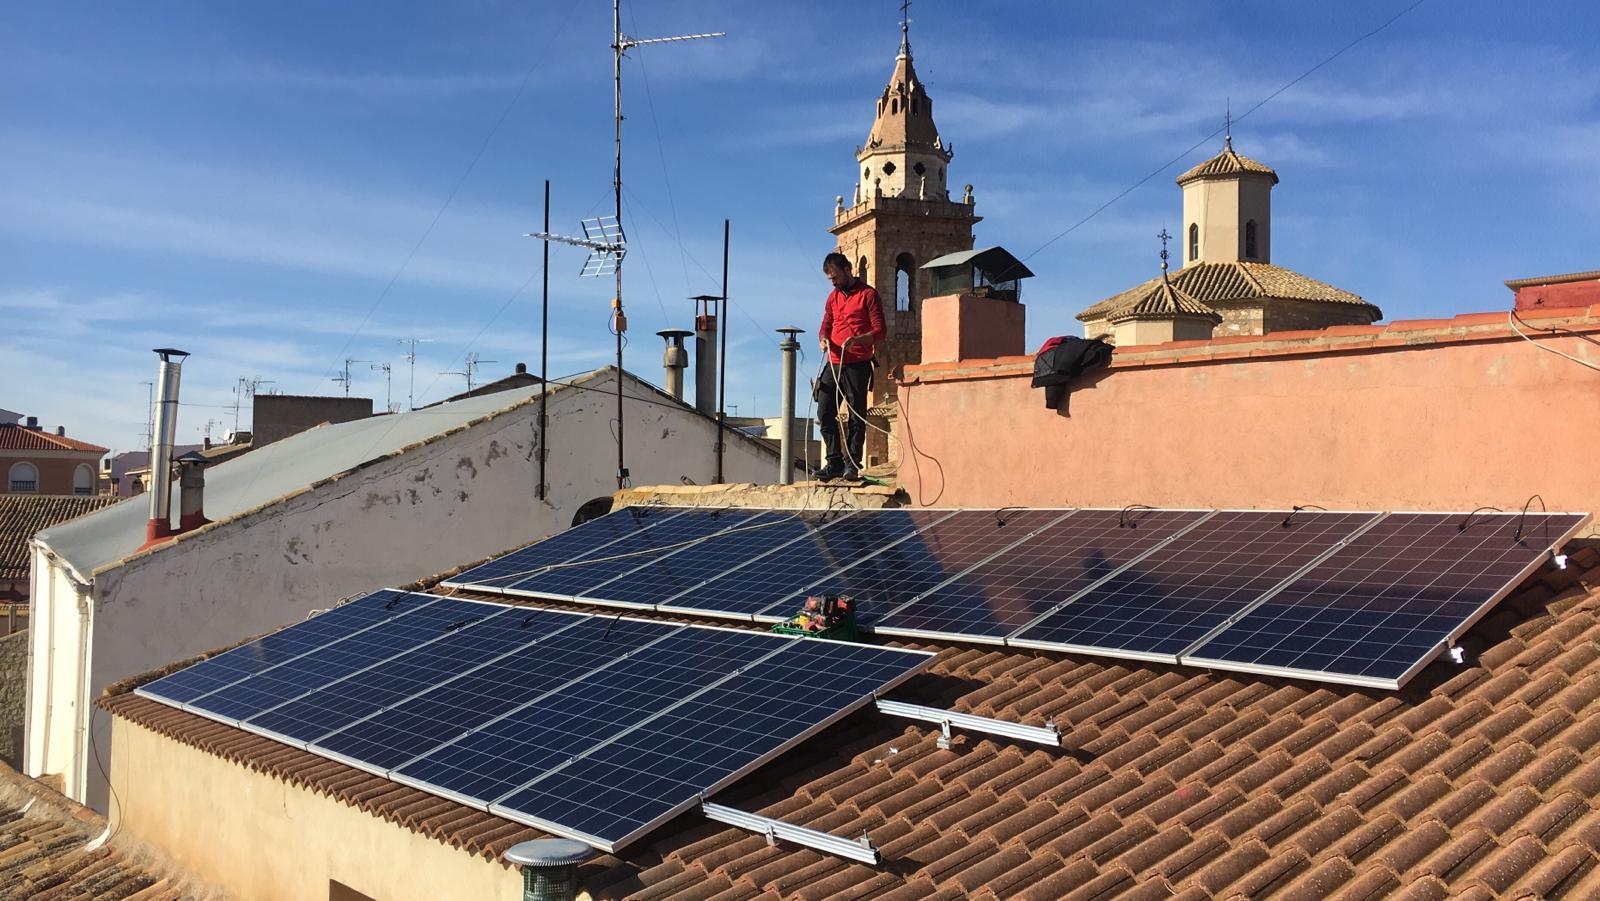 INSTALACIÓN SOLAR DE AUTOCONSUMO SOBRE TEJADO 5kWp (CASAS IBAÑEZ, ALBACETE)